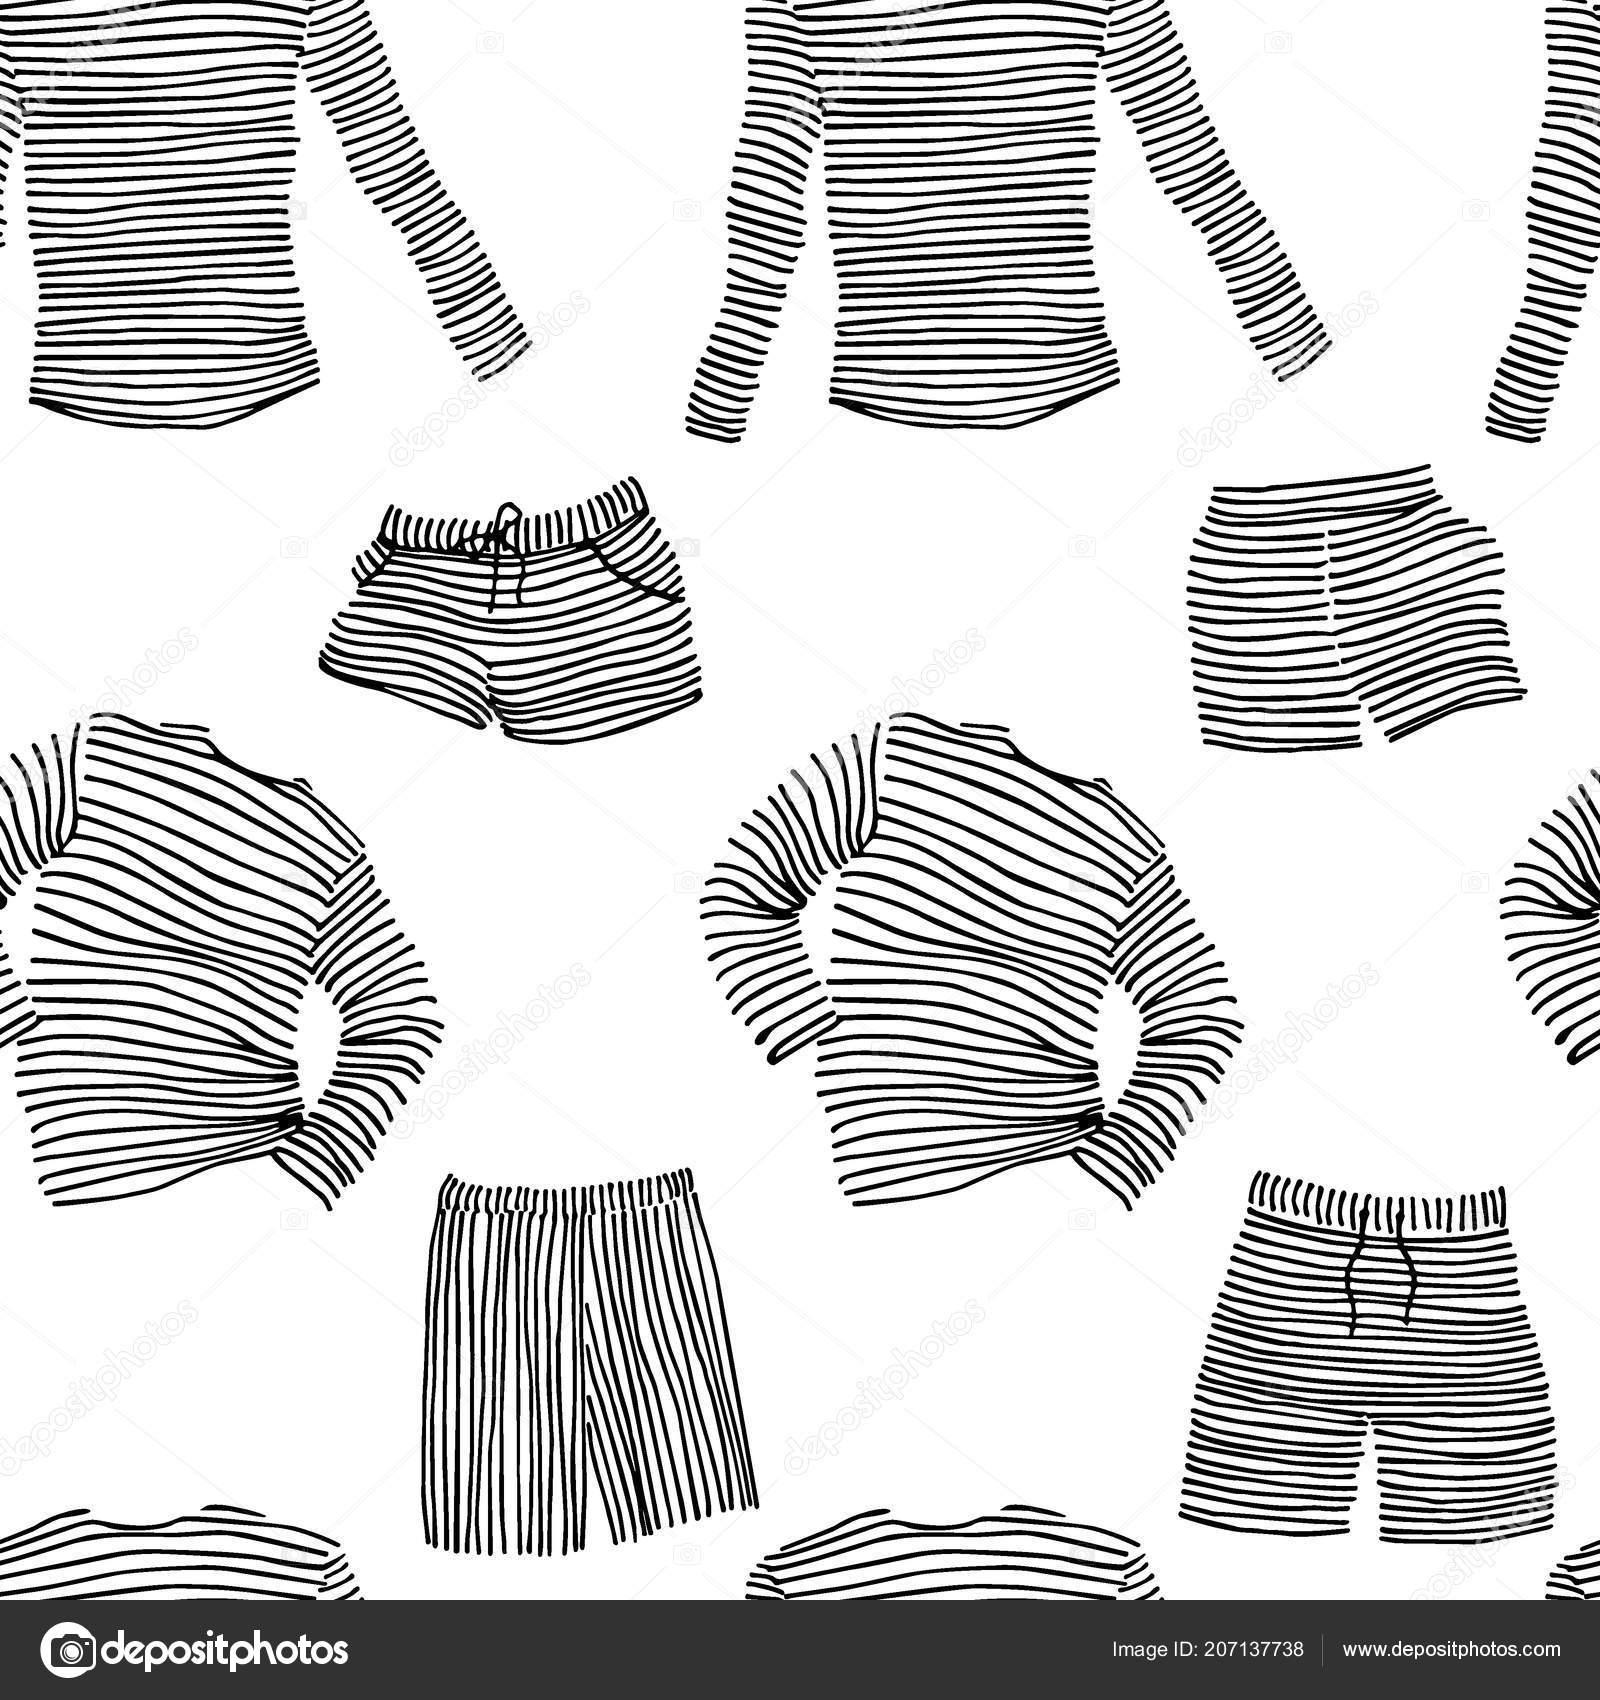 Vektor bezešvé pattern s rukou kreslené prokládané spodního prádla. Rukopis  kreslení 9f378aa31e